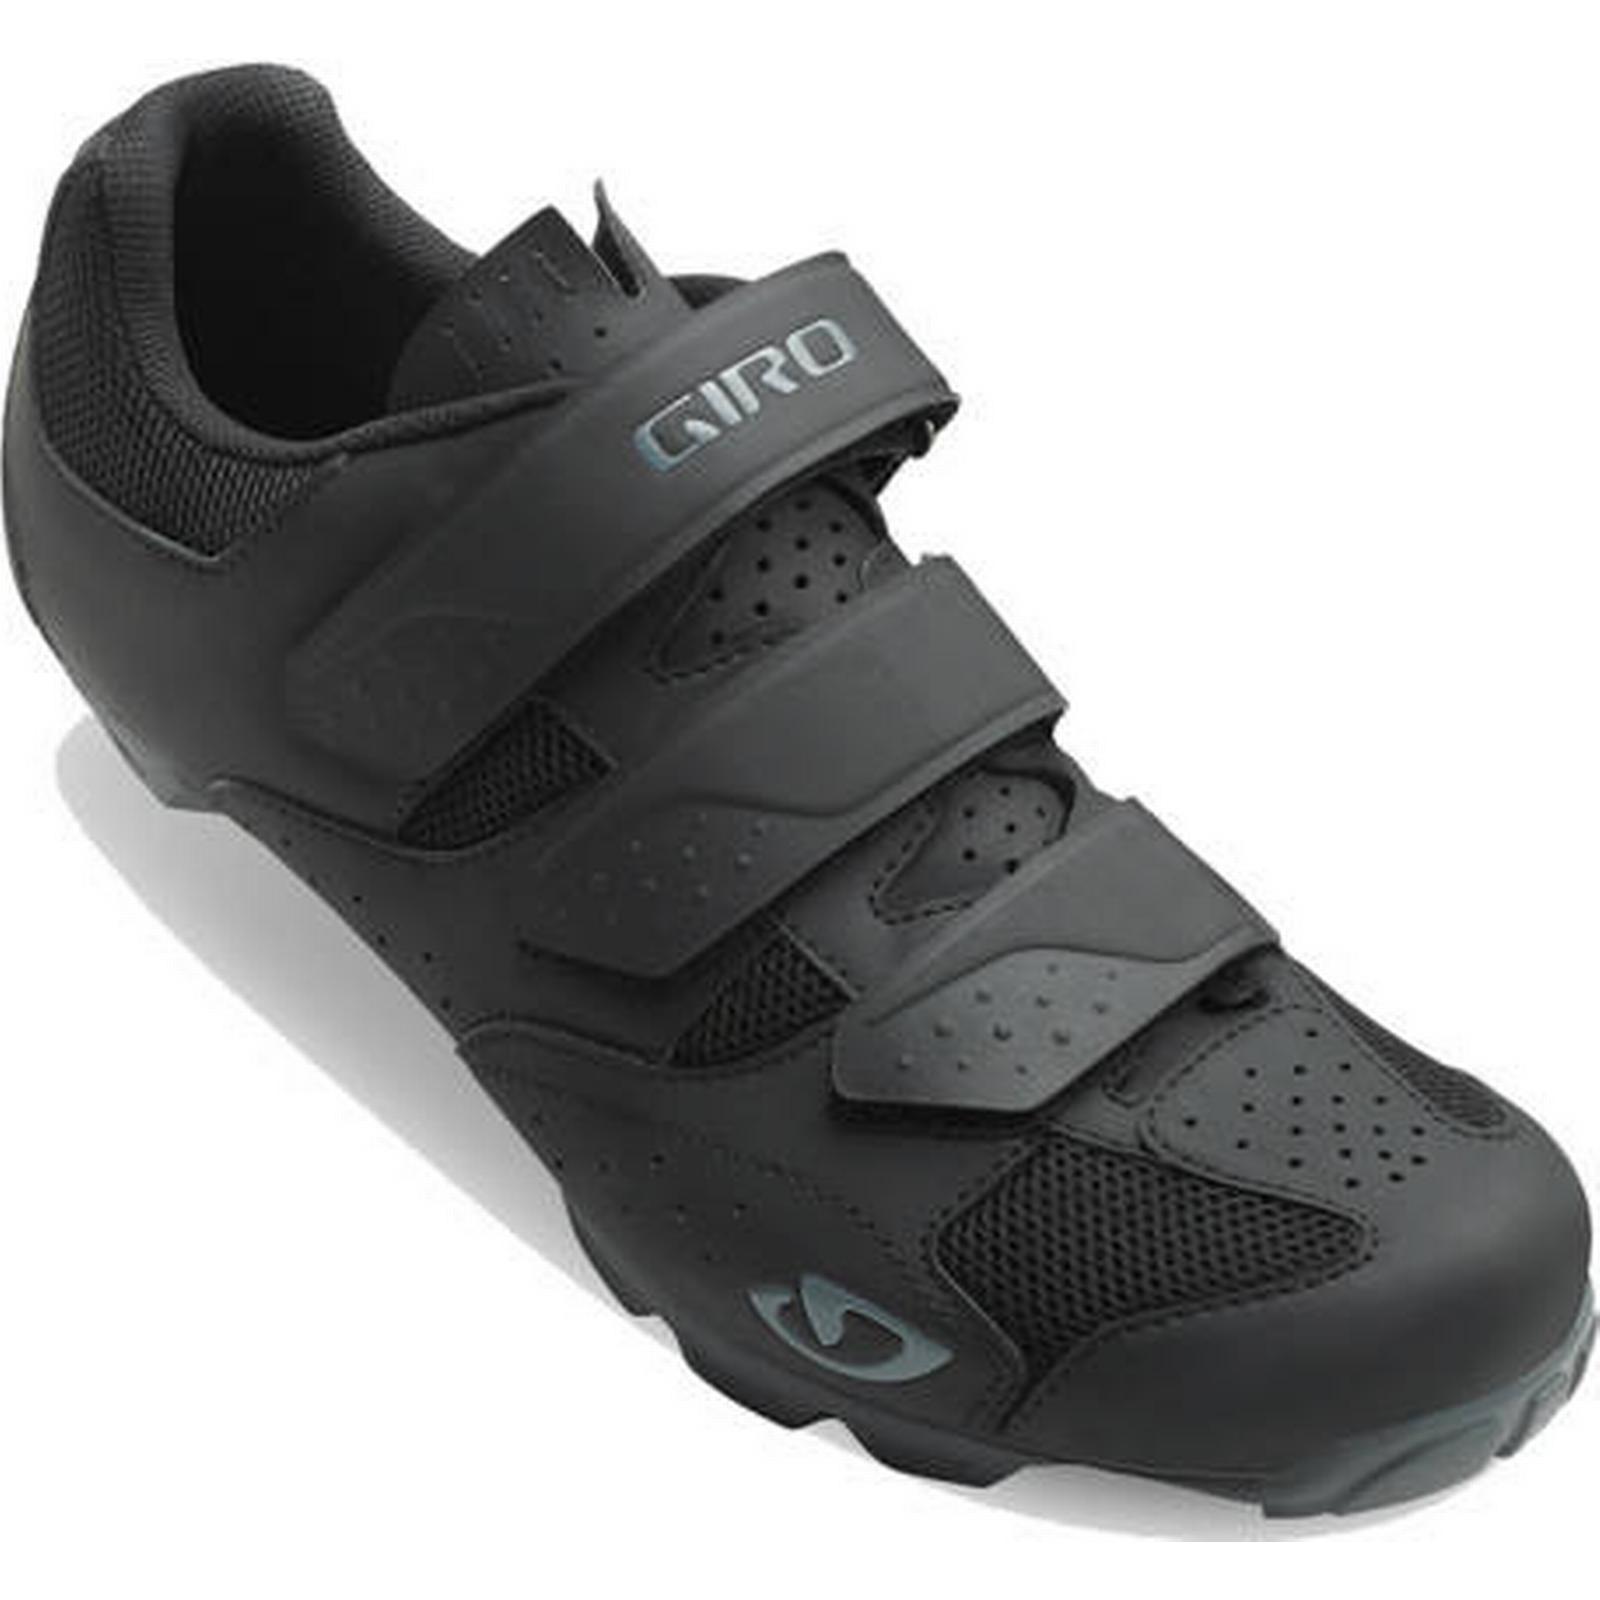 Giro Shoes Giro Carbide R II Mountain Bike Charcoal Shoes - Black / Charcoal Bike / EU41 98eab2